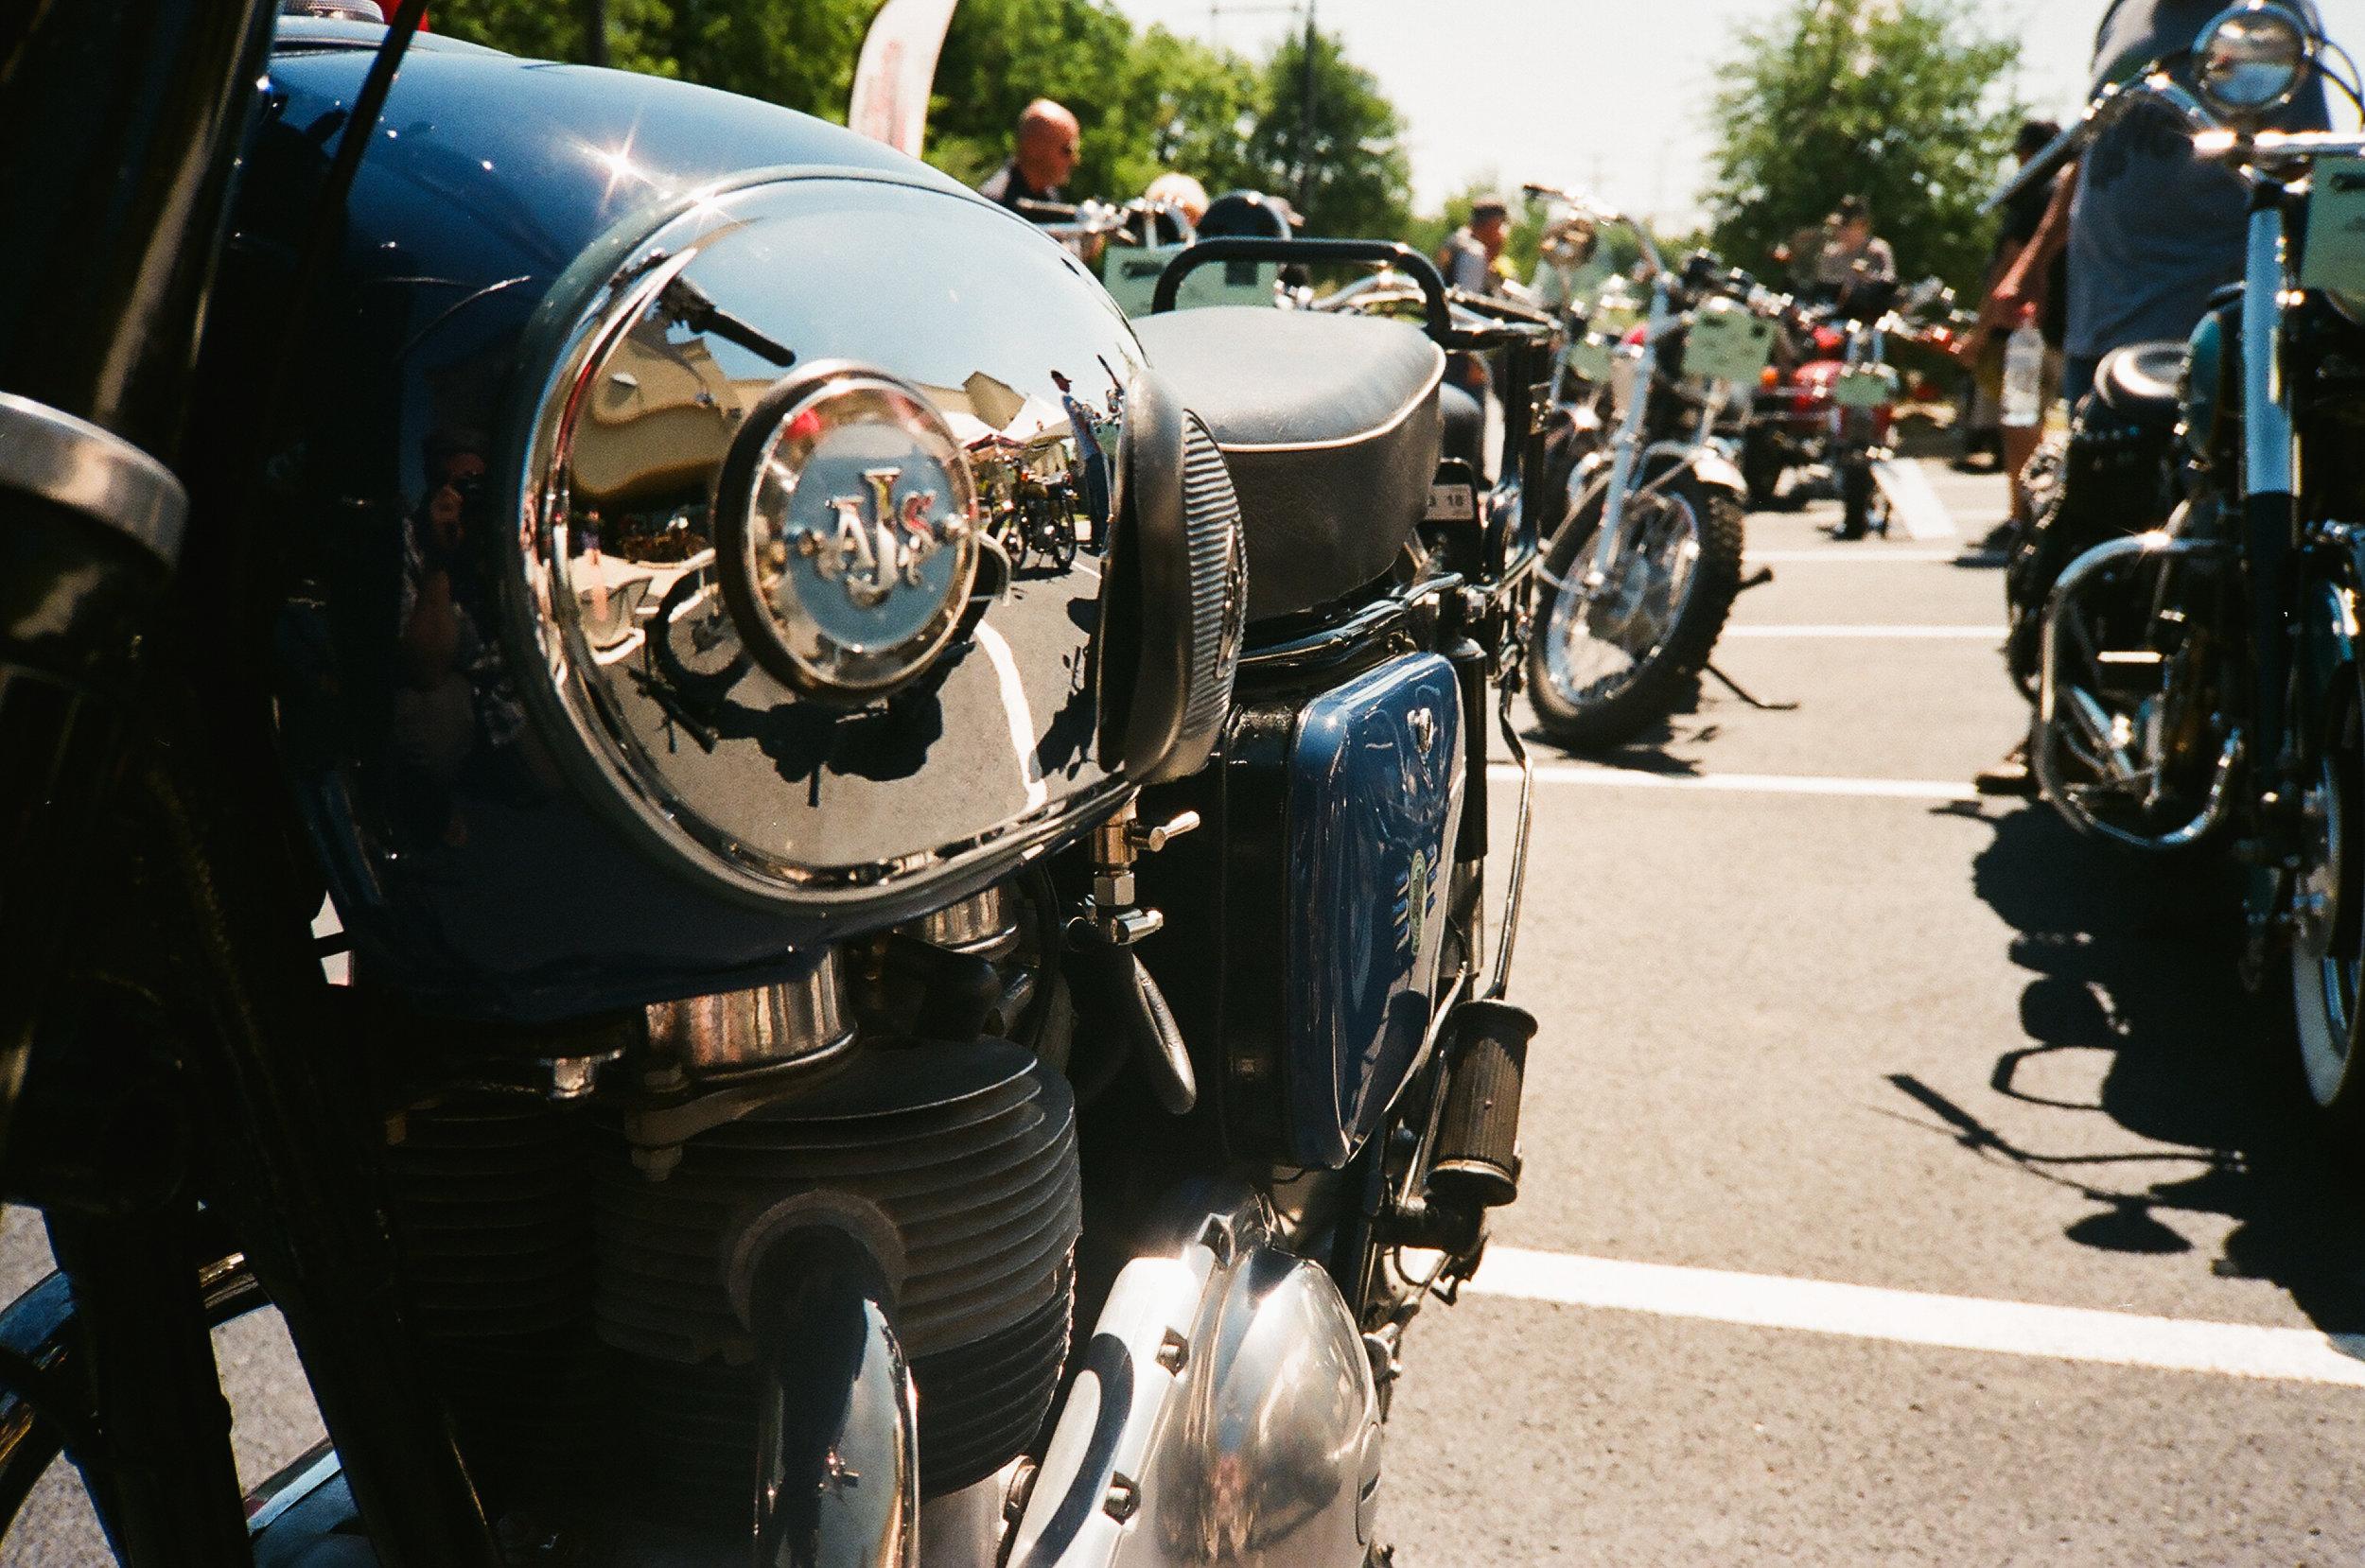 texas-motorcycle-revival-2017-58500024.jpg